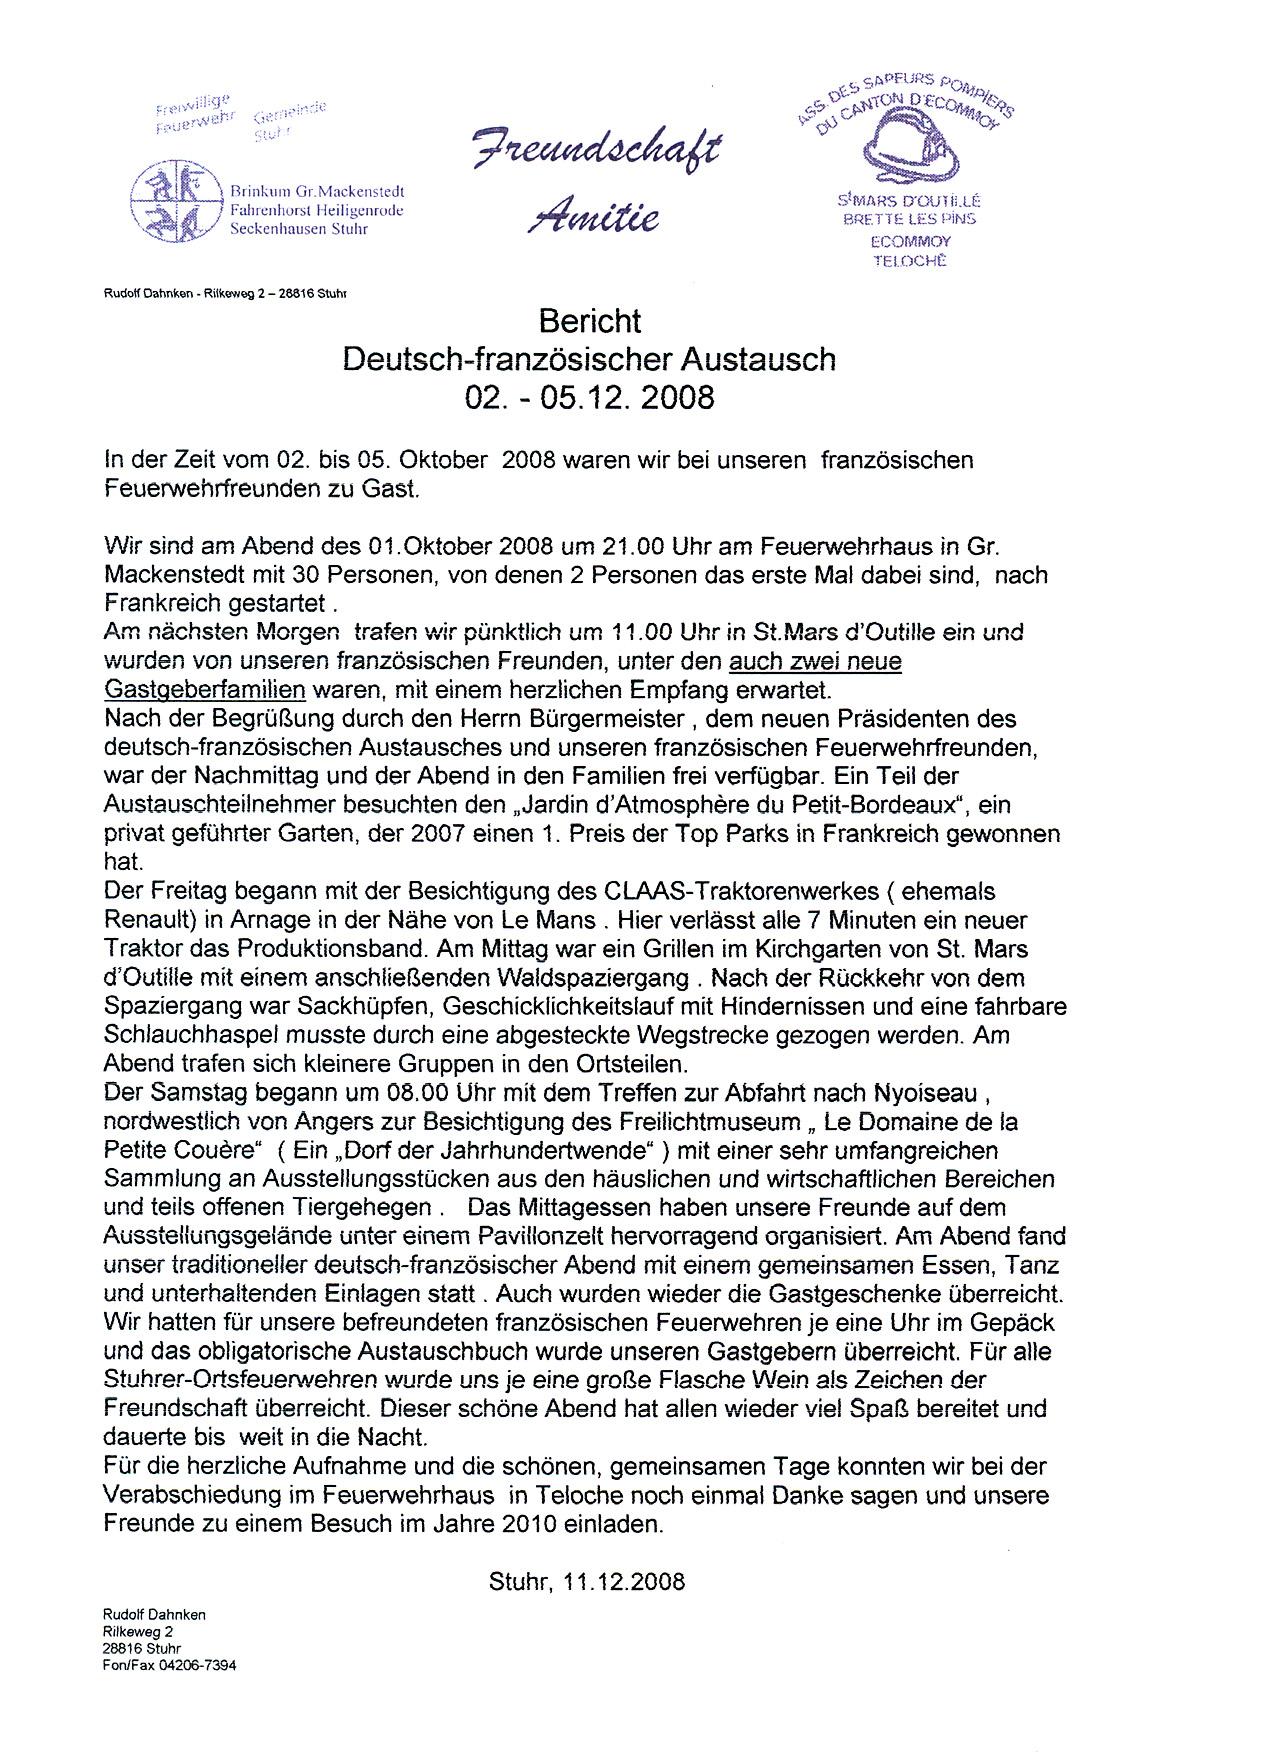 Niedlich Feuerwehrmann Lebenslauf Probe Ideen - Beispiel Anschreiben ...